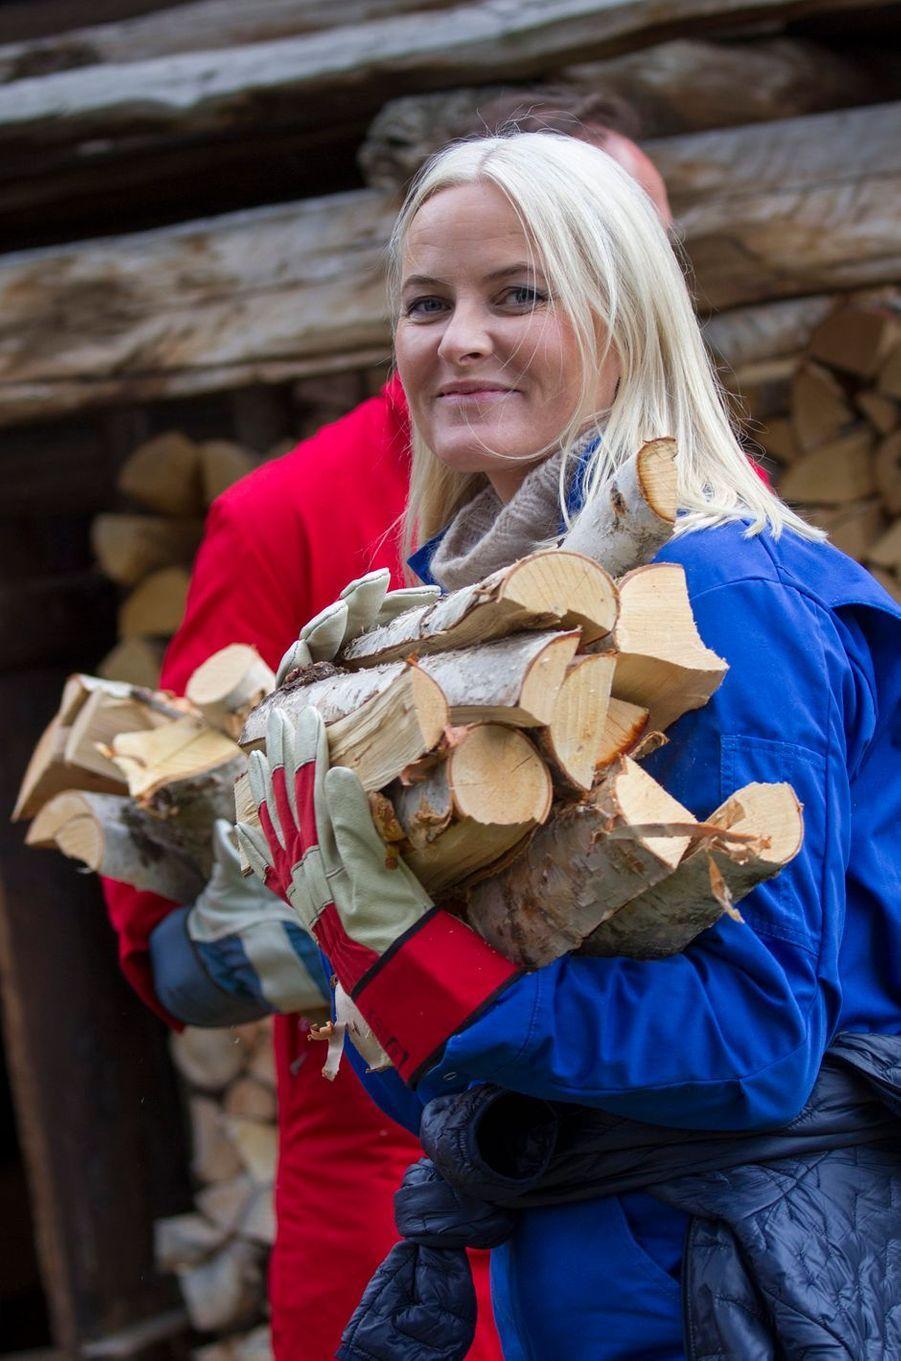 La princesse Mette-Marit de Norvège à Lesja, le 17 septembre 2019